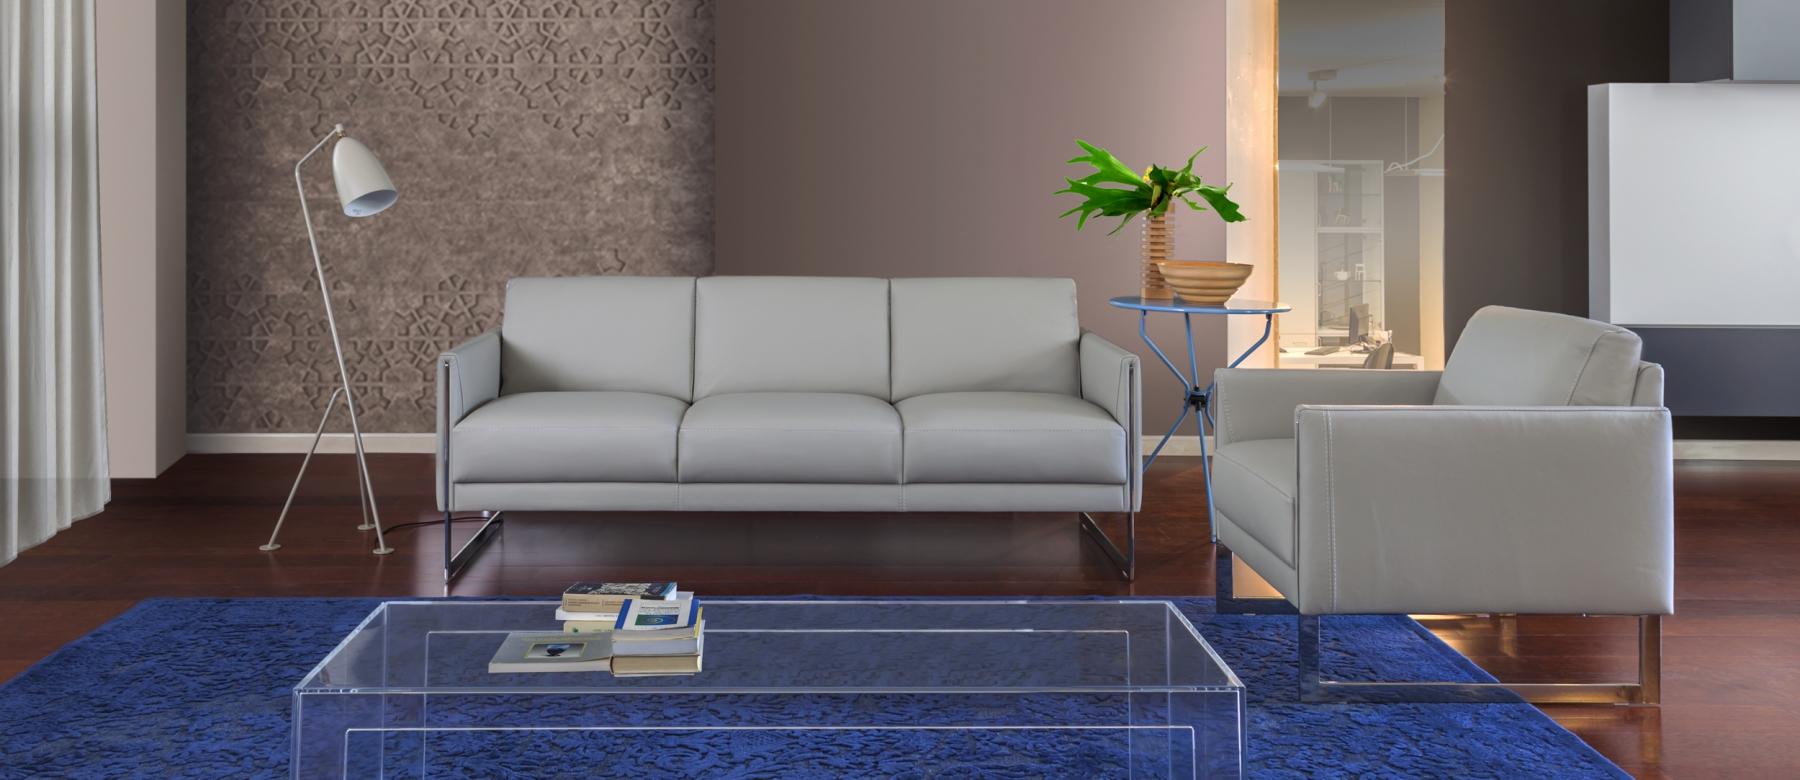 Nicoletti Coco sofa 2